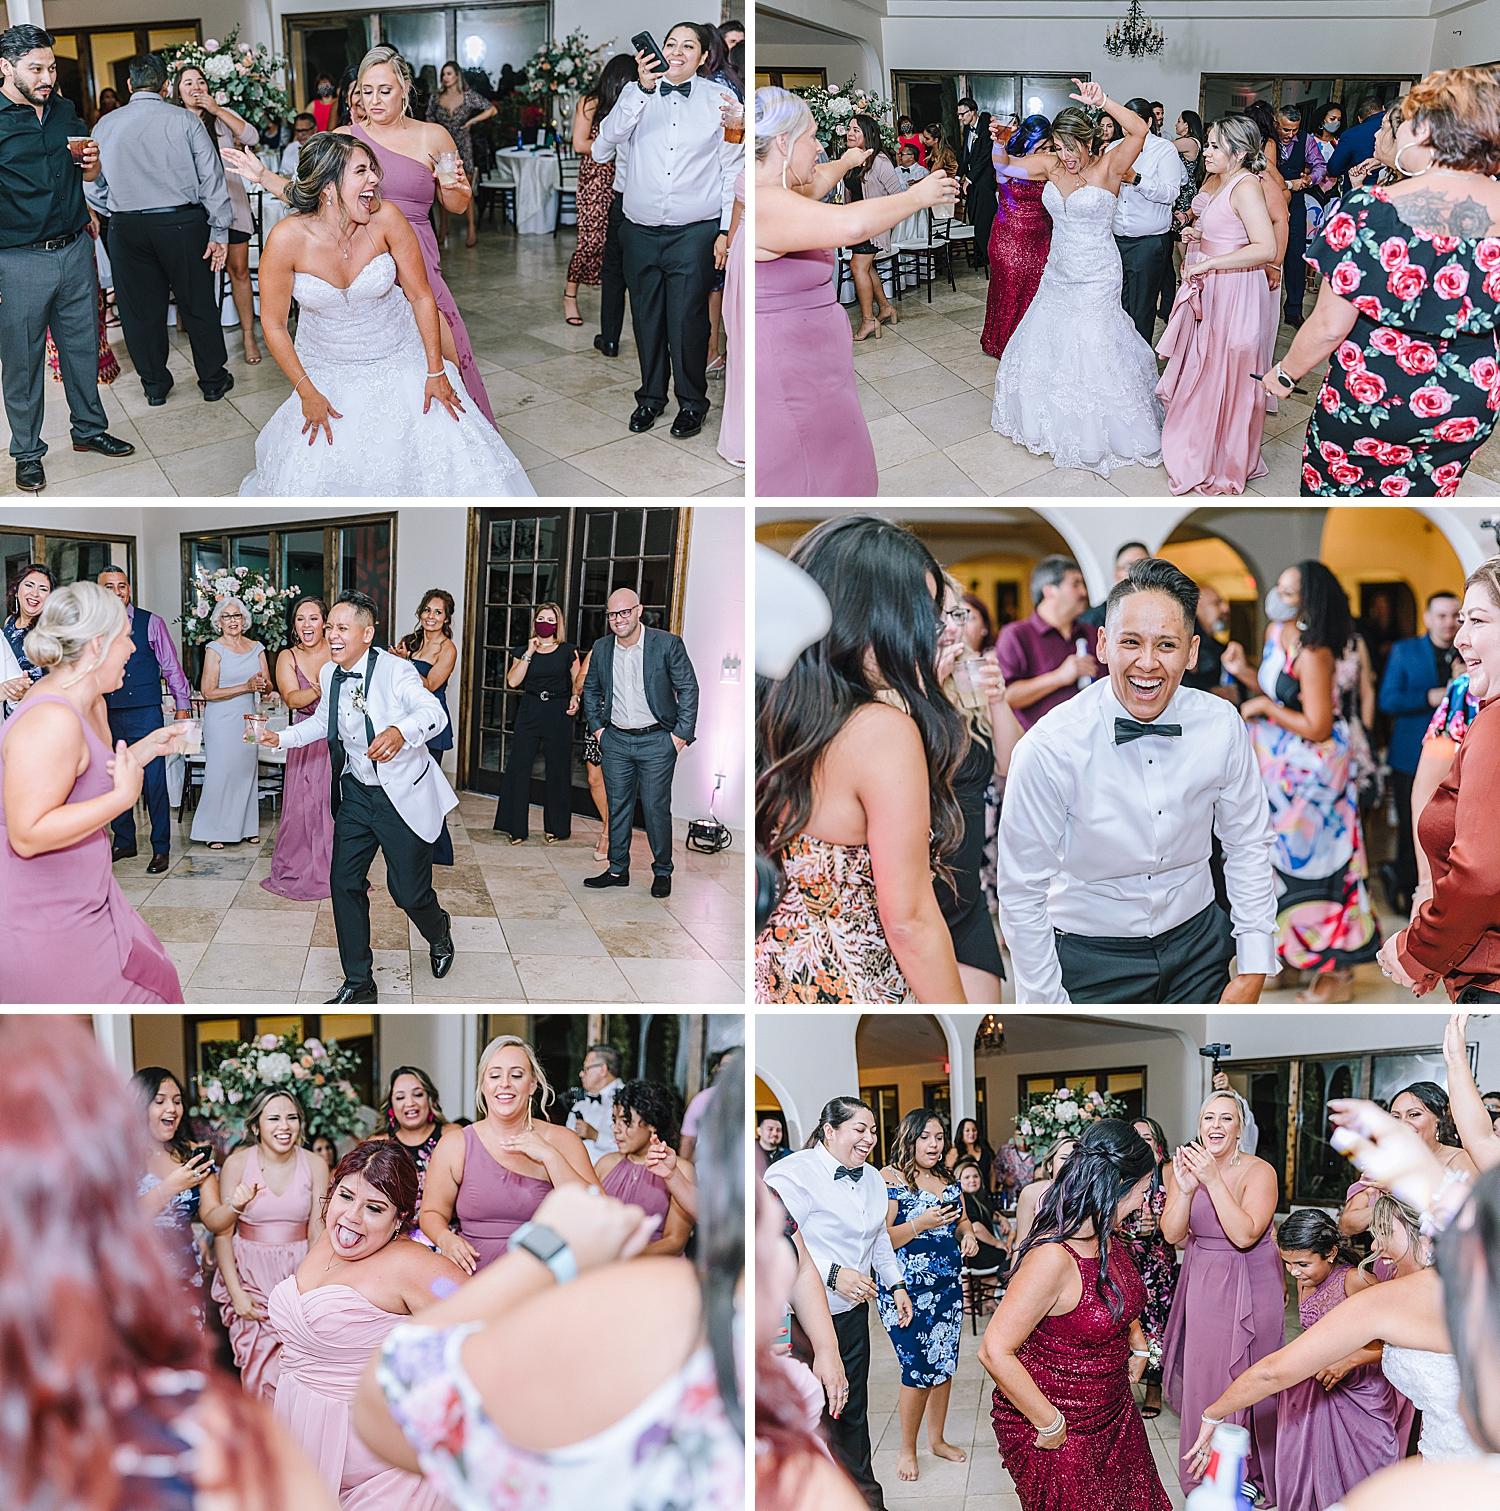 Carly-Barton-Photography-The-Villa-at-Cielo-Vista-Blush-Gold-White-Wedding-Photos_0013.jpg